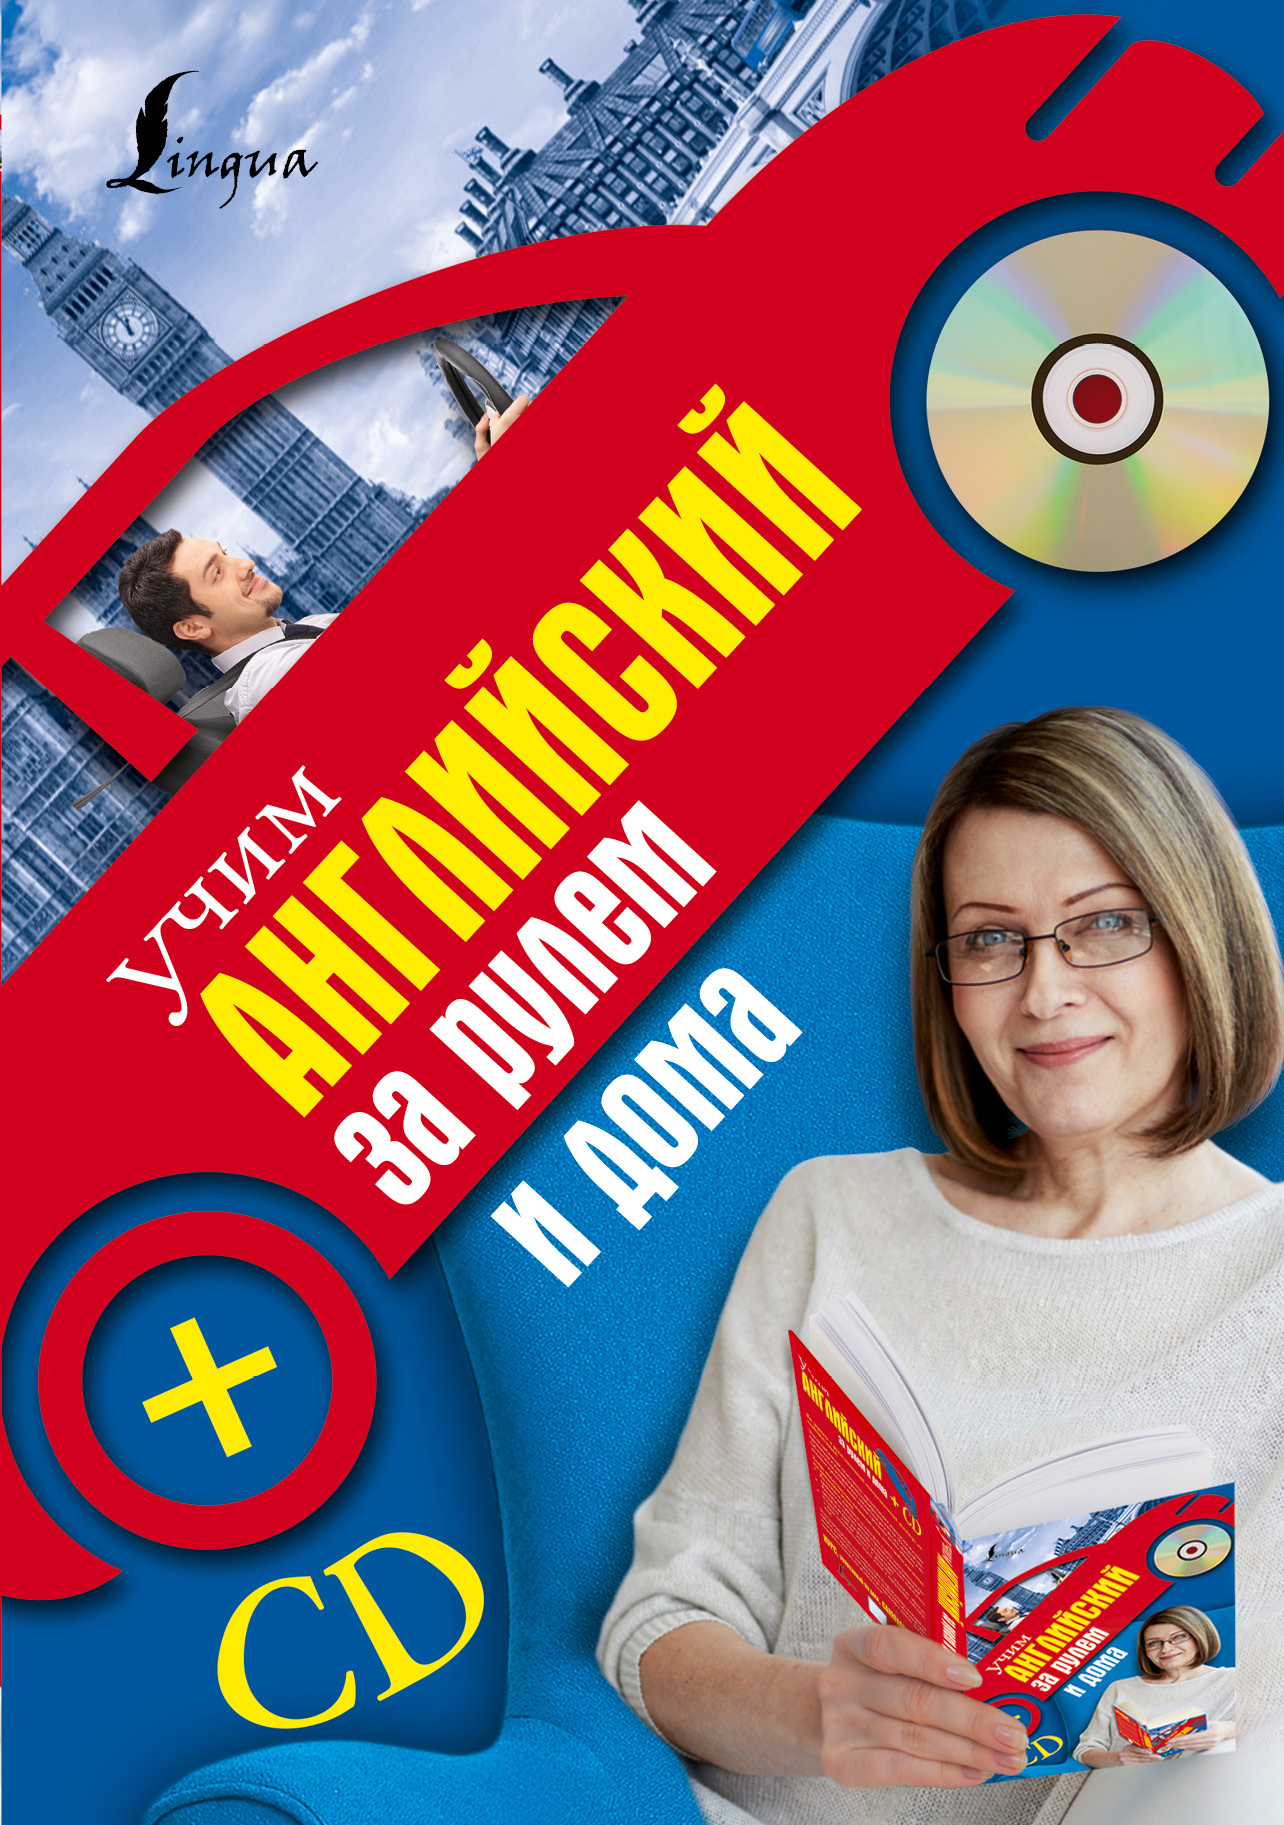 Матвеев С.А. Учим английский за рулем и дома + CD весёлый английский cd аудиокурс и песенки 5